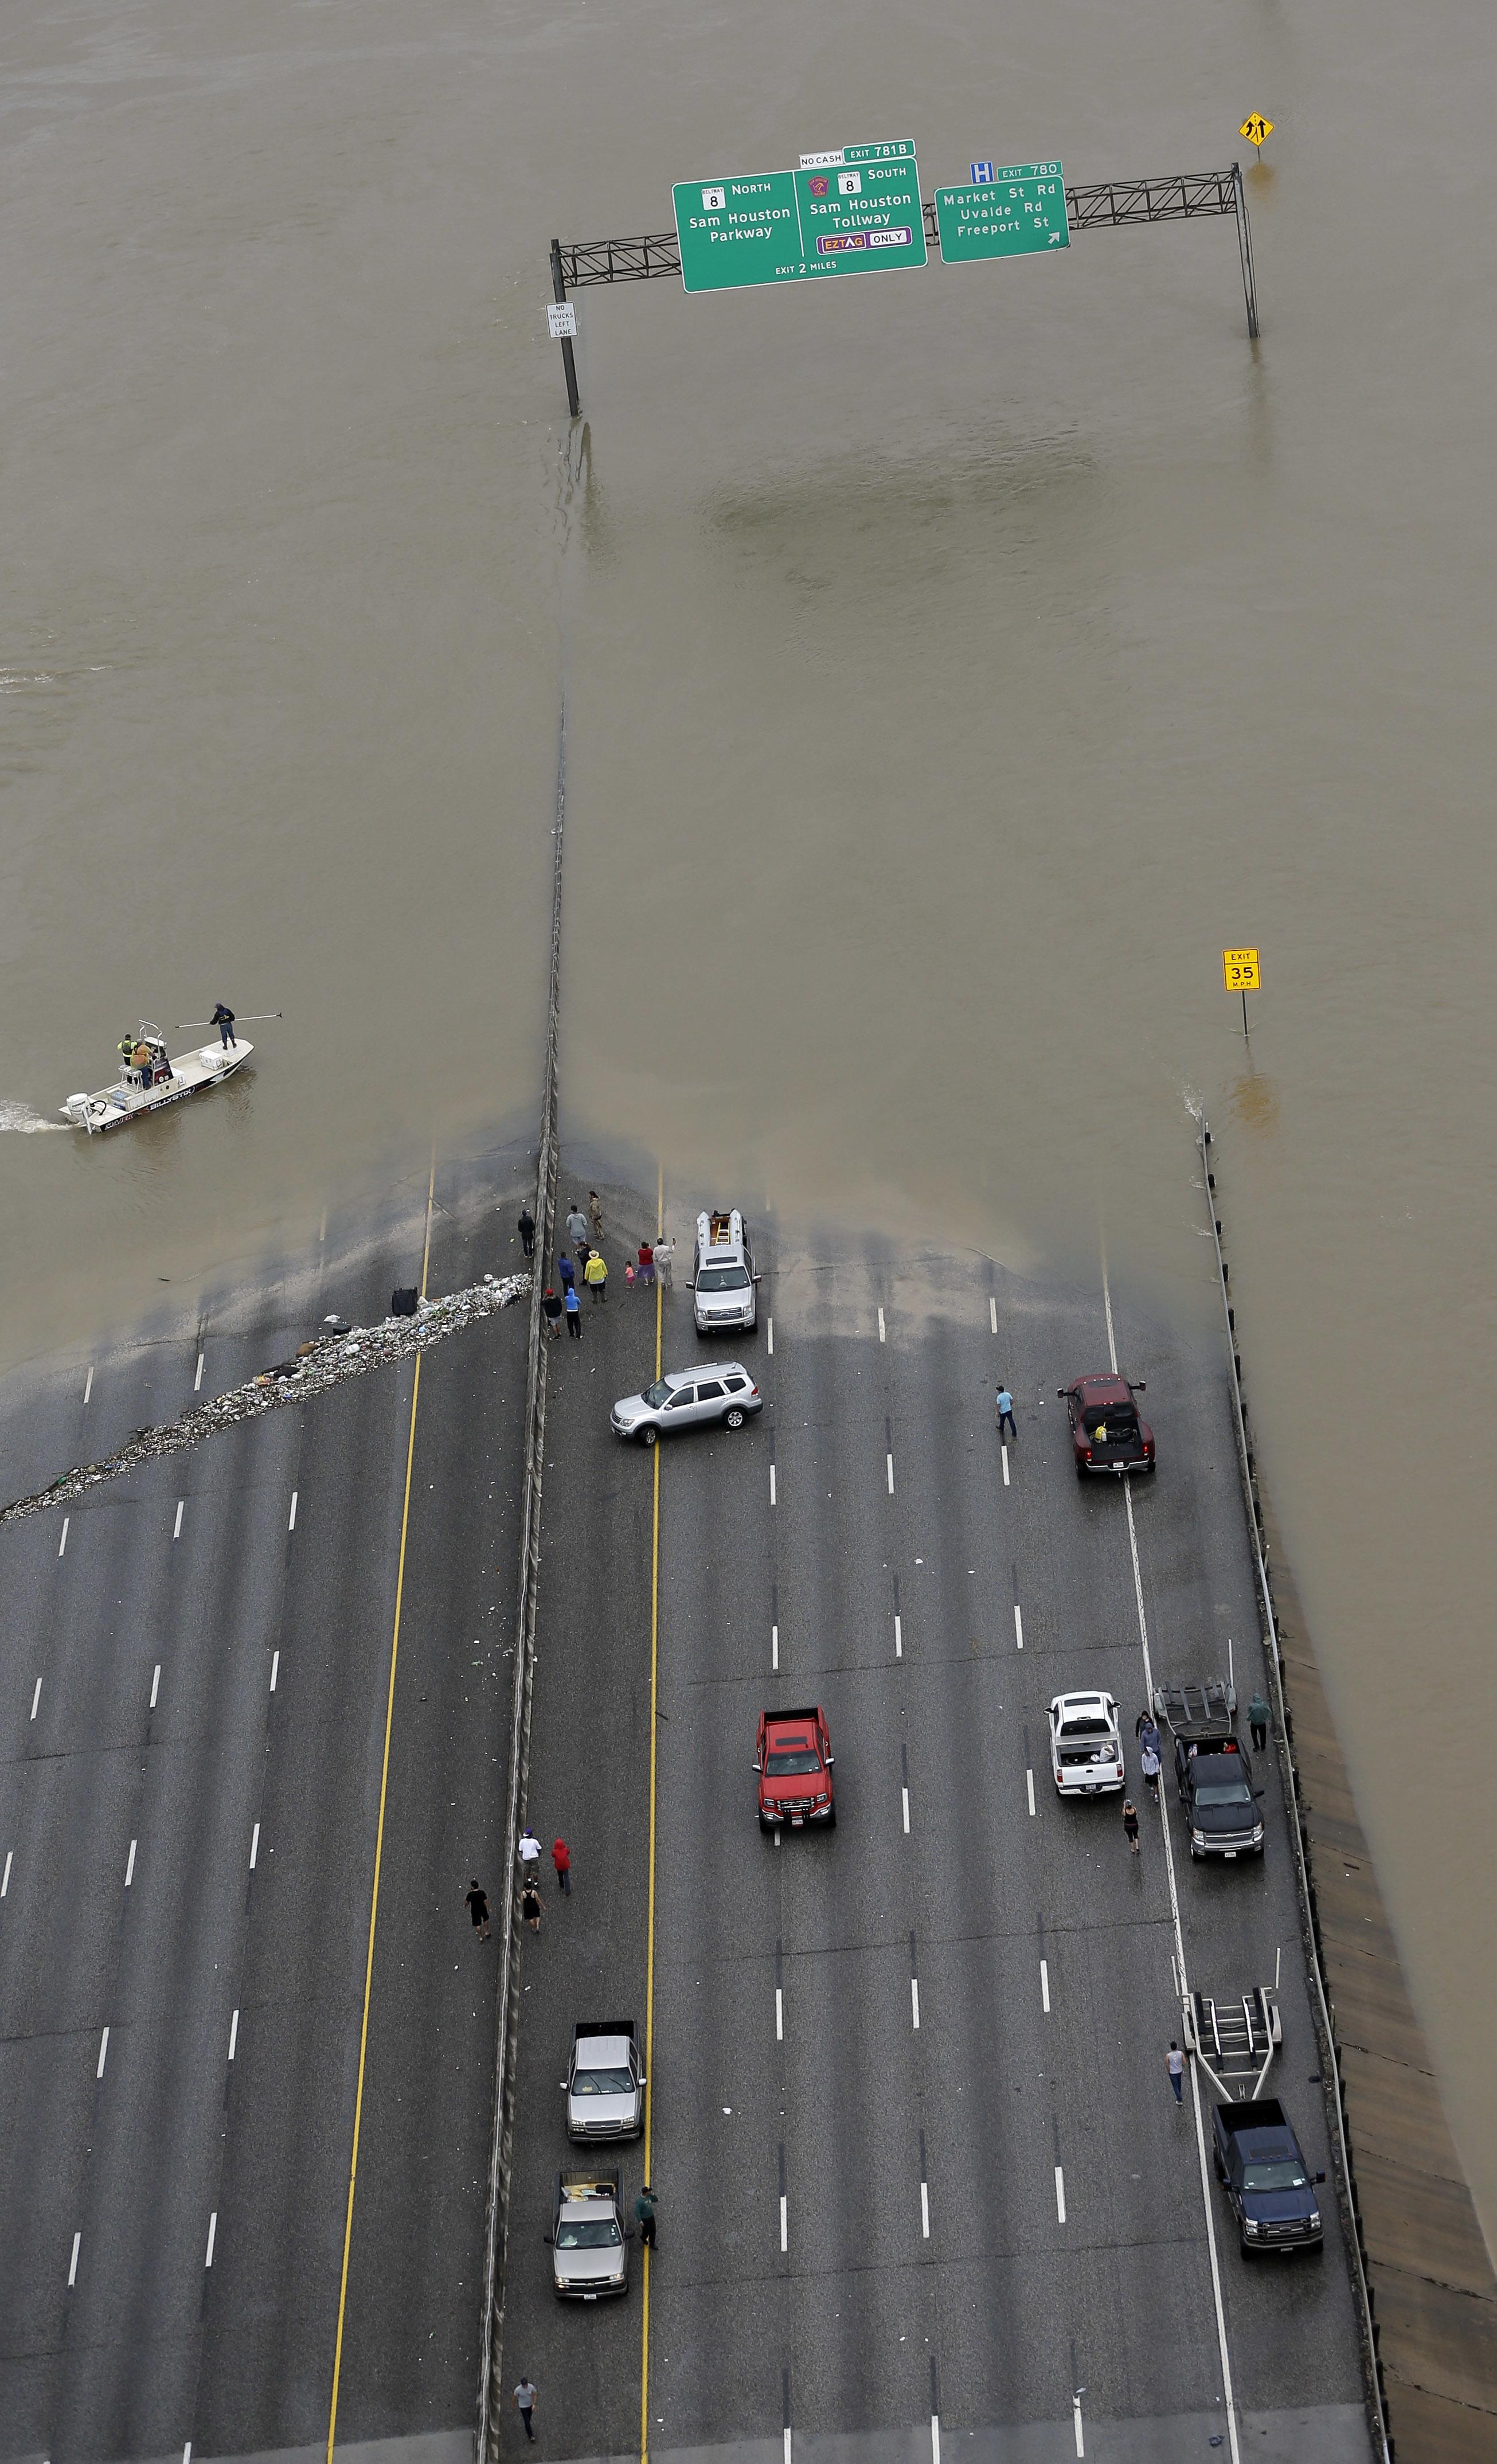 Fotos Aereas La Destruccion De Harvey A Su Paso Por Texas Noticias Univision Fenomenos Naturales Univision